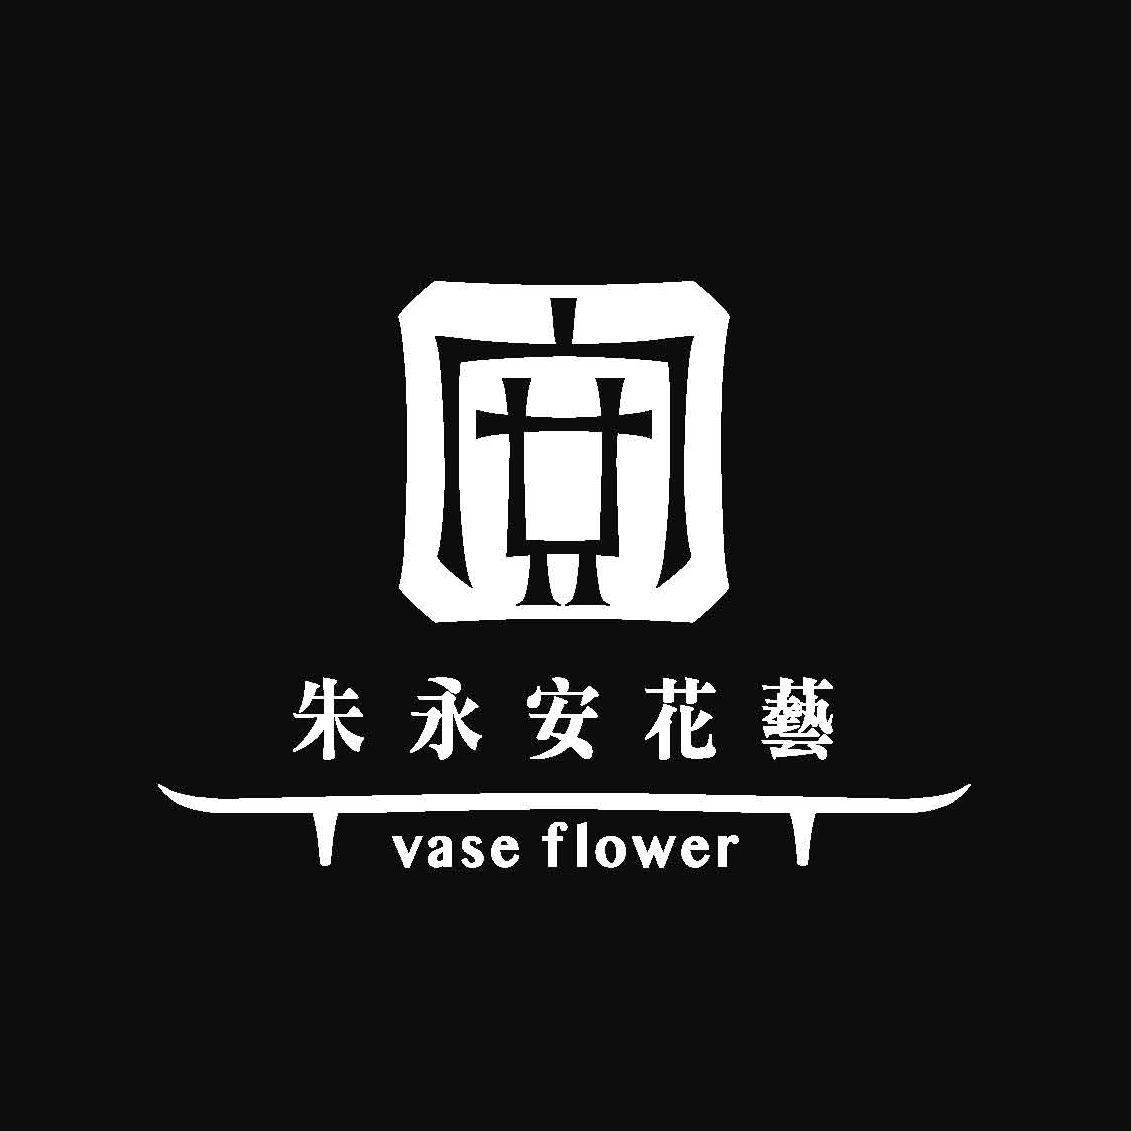 朱永安花藝